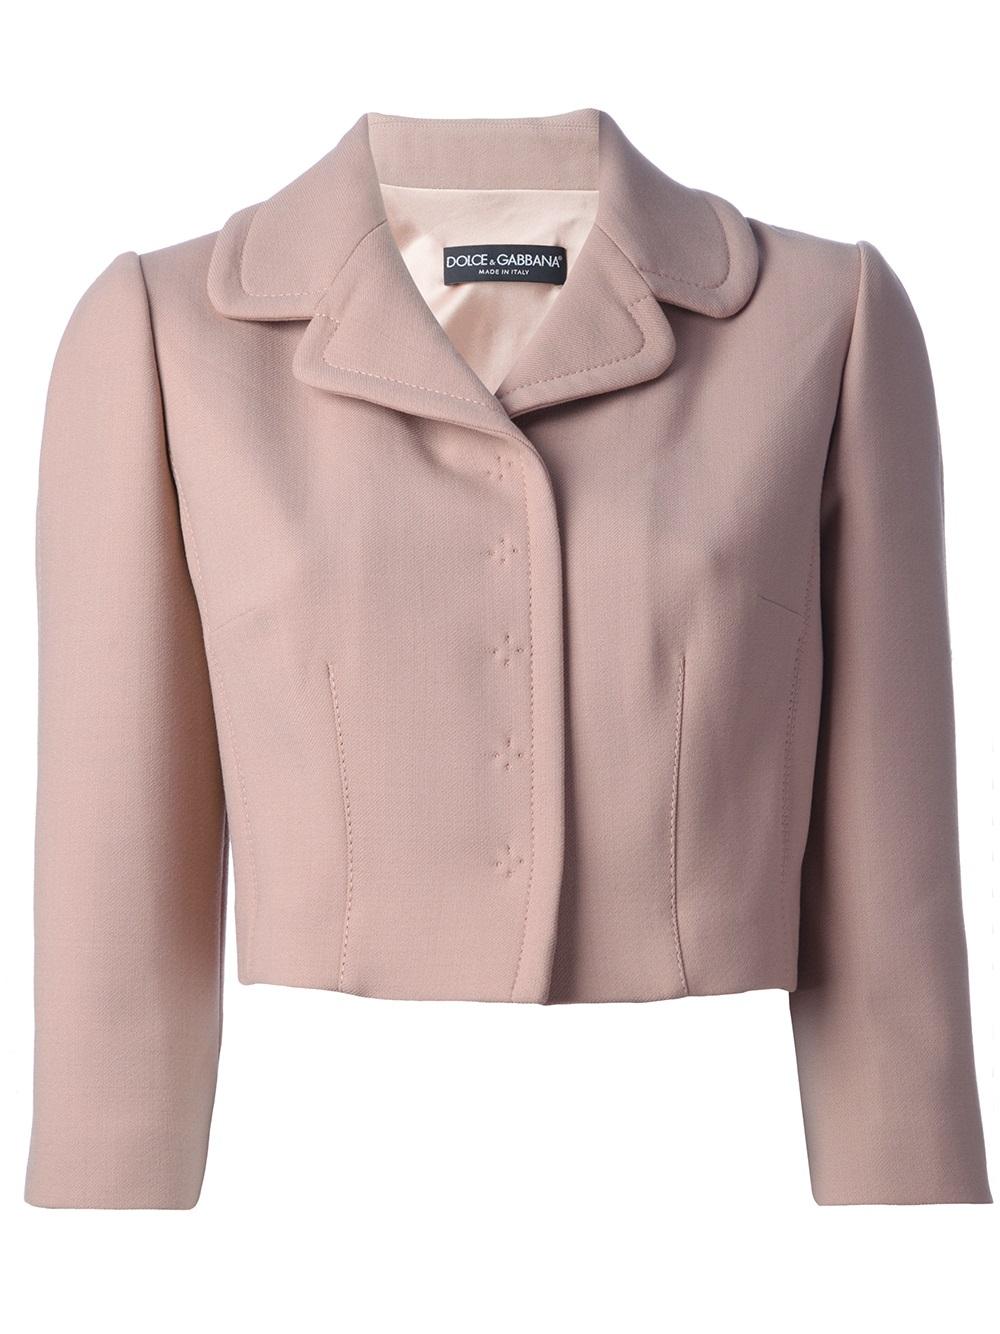 Cropped Pink Blazer - Best Blazer 2017